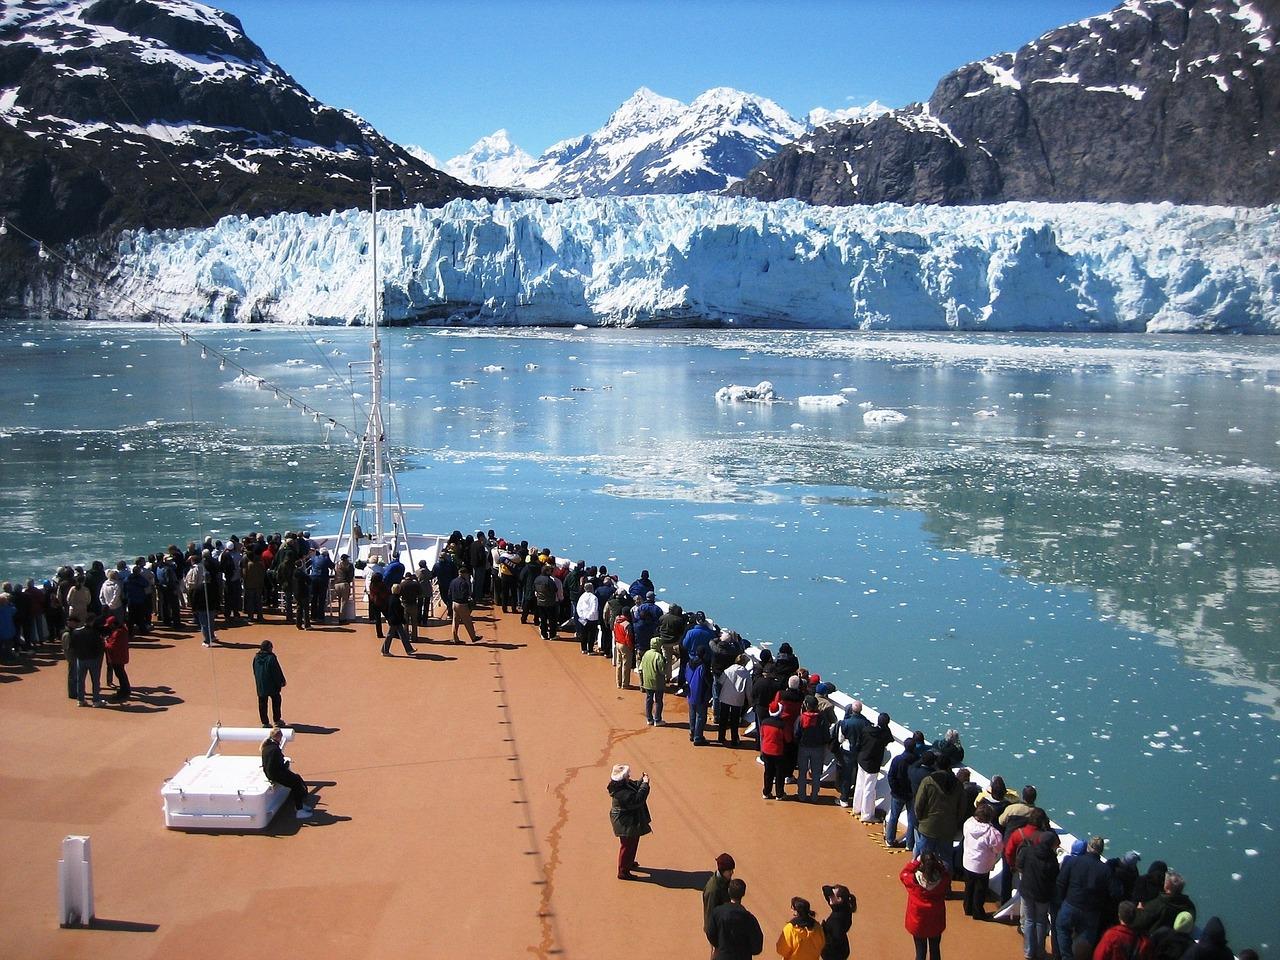 阿拉斯加公主號豪華遊輪深度8日 冰河灣(GLACIER BAY)